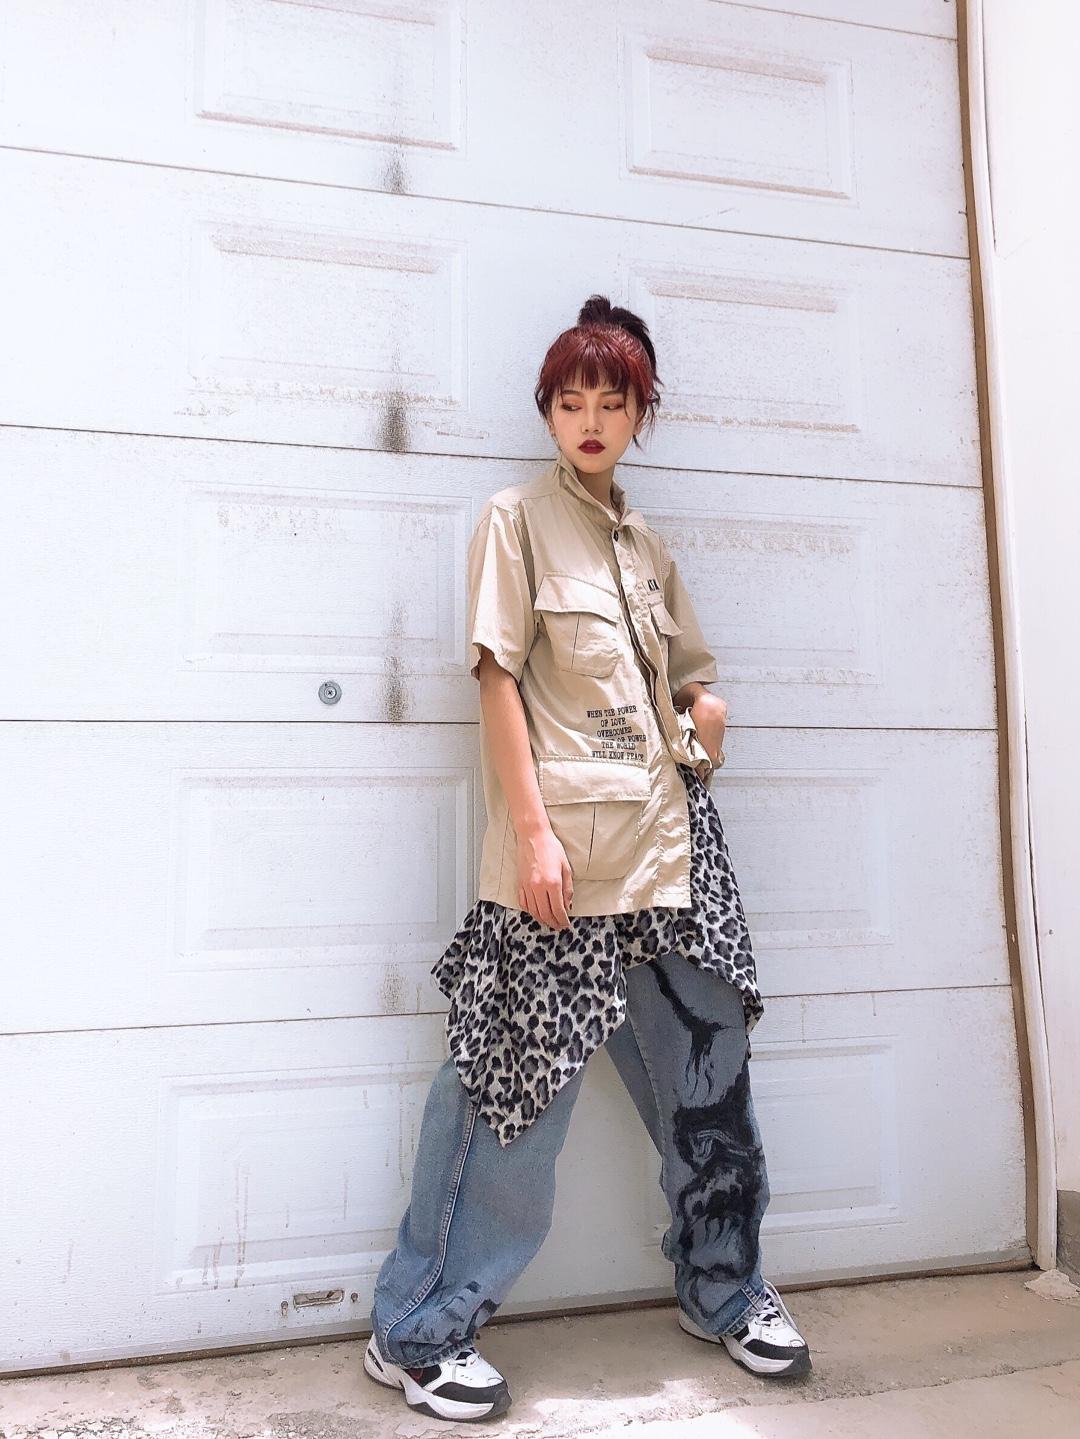 上衣:机能工装风衬衣,设计的细节很完美,口袋有好几个,都很实用,版型比较大,工装男孩女孩都可以选择的一款,面料是薄薄的面料,很透气舒适。颜色上是低调的米色,可以搭配任何裙子或者裤子。  裤子:牛仔裤宽松的版型,松松垮垮的街头上司时尚感,上面的涂鸦印花真的不要太帅气,喜欢涂鸦的一定会喜欢这个裤子。  配饰,避免过于单调搭配了一个豹纹下摆,点缀全身的亮点。  鞋子:普通的老爹鞋,随意舒适。 #618之后,小个子秒变168cm!#